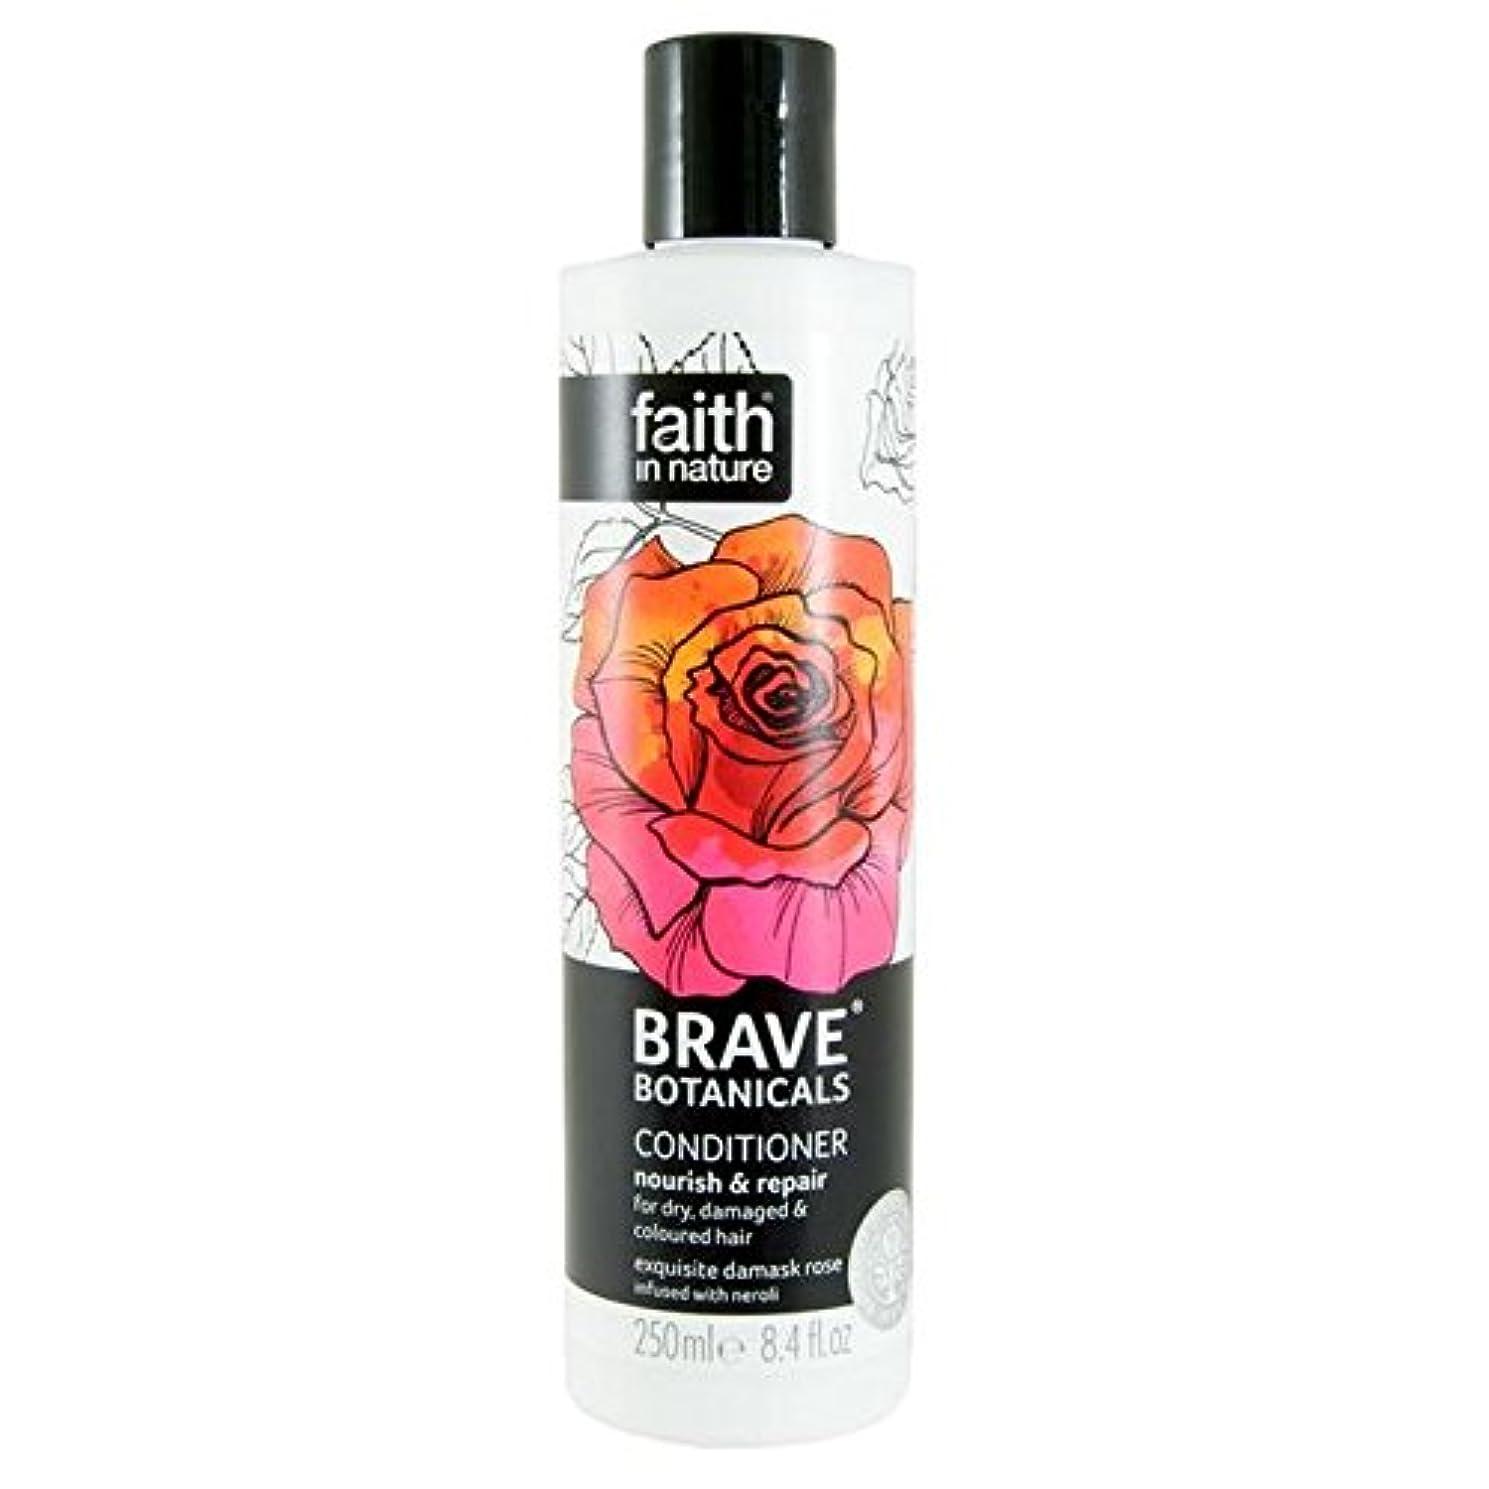 例質量震えるBrave Botanicals Rose & Neroli Nourish & Repair Conditioner 250ml - (Faith In Nature) 勇敢な植物は、ローズ&ネロリは養う&リペアコンディショナー250Ml [並行輸入品]